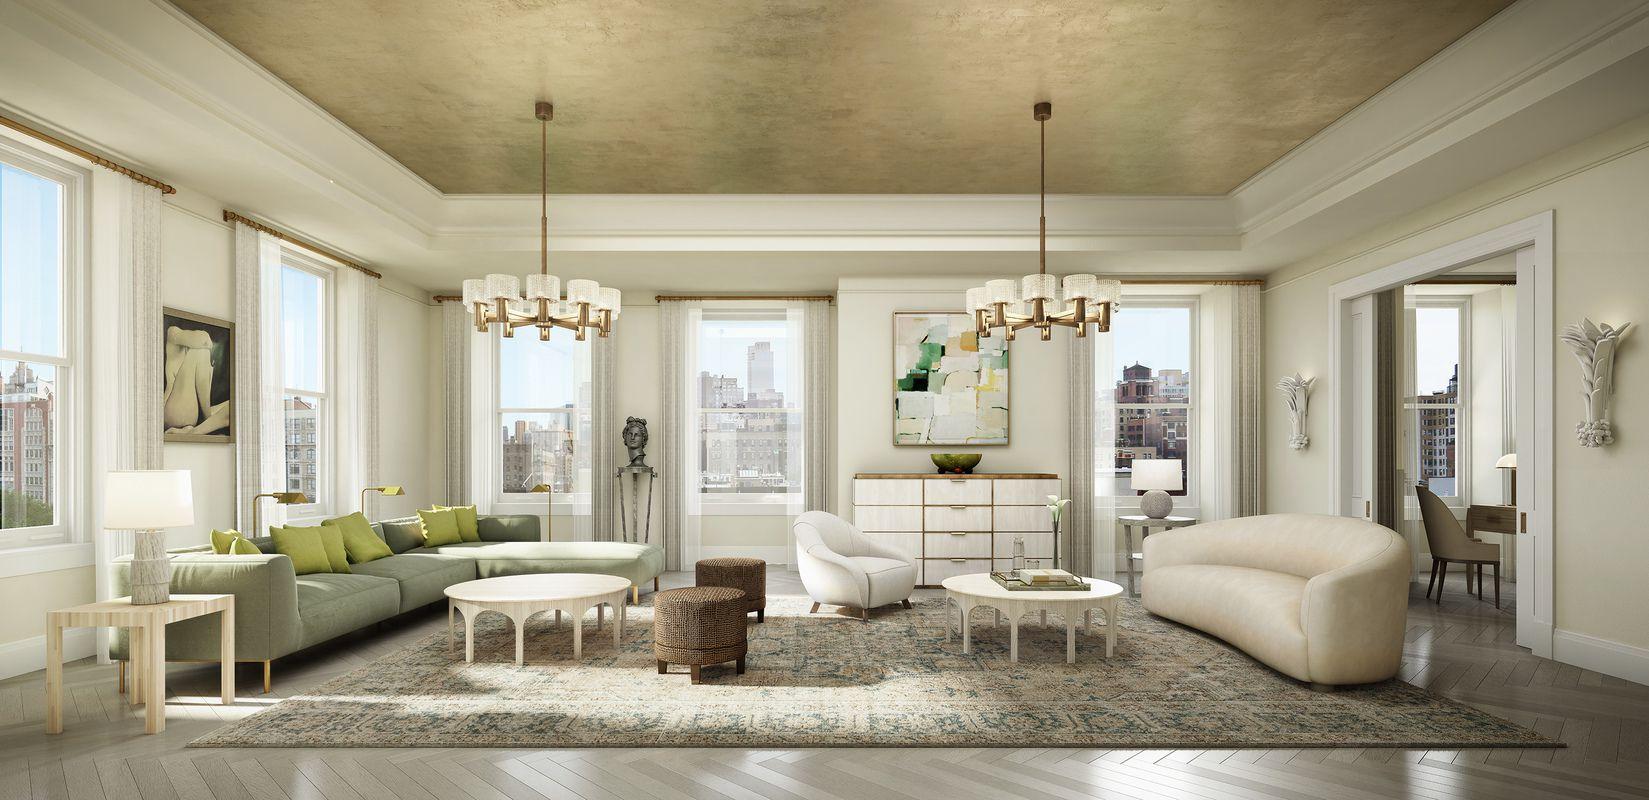 101 West 78 - Living room.jpg